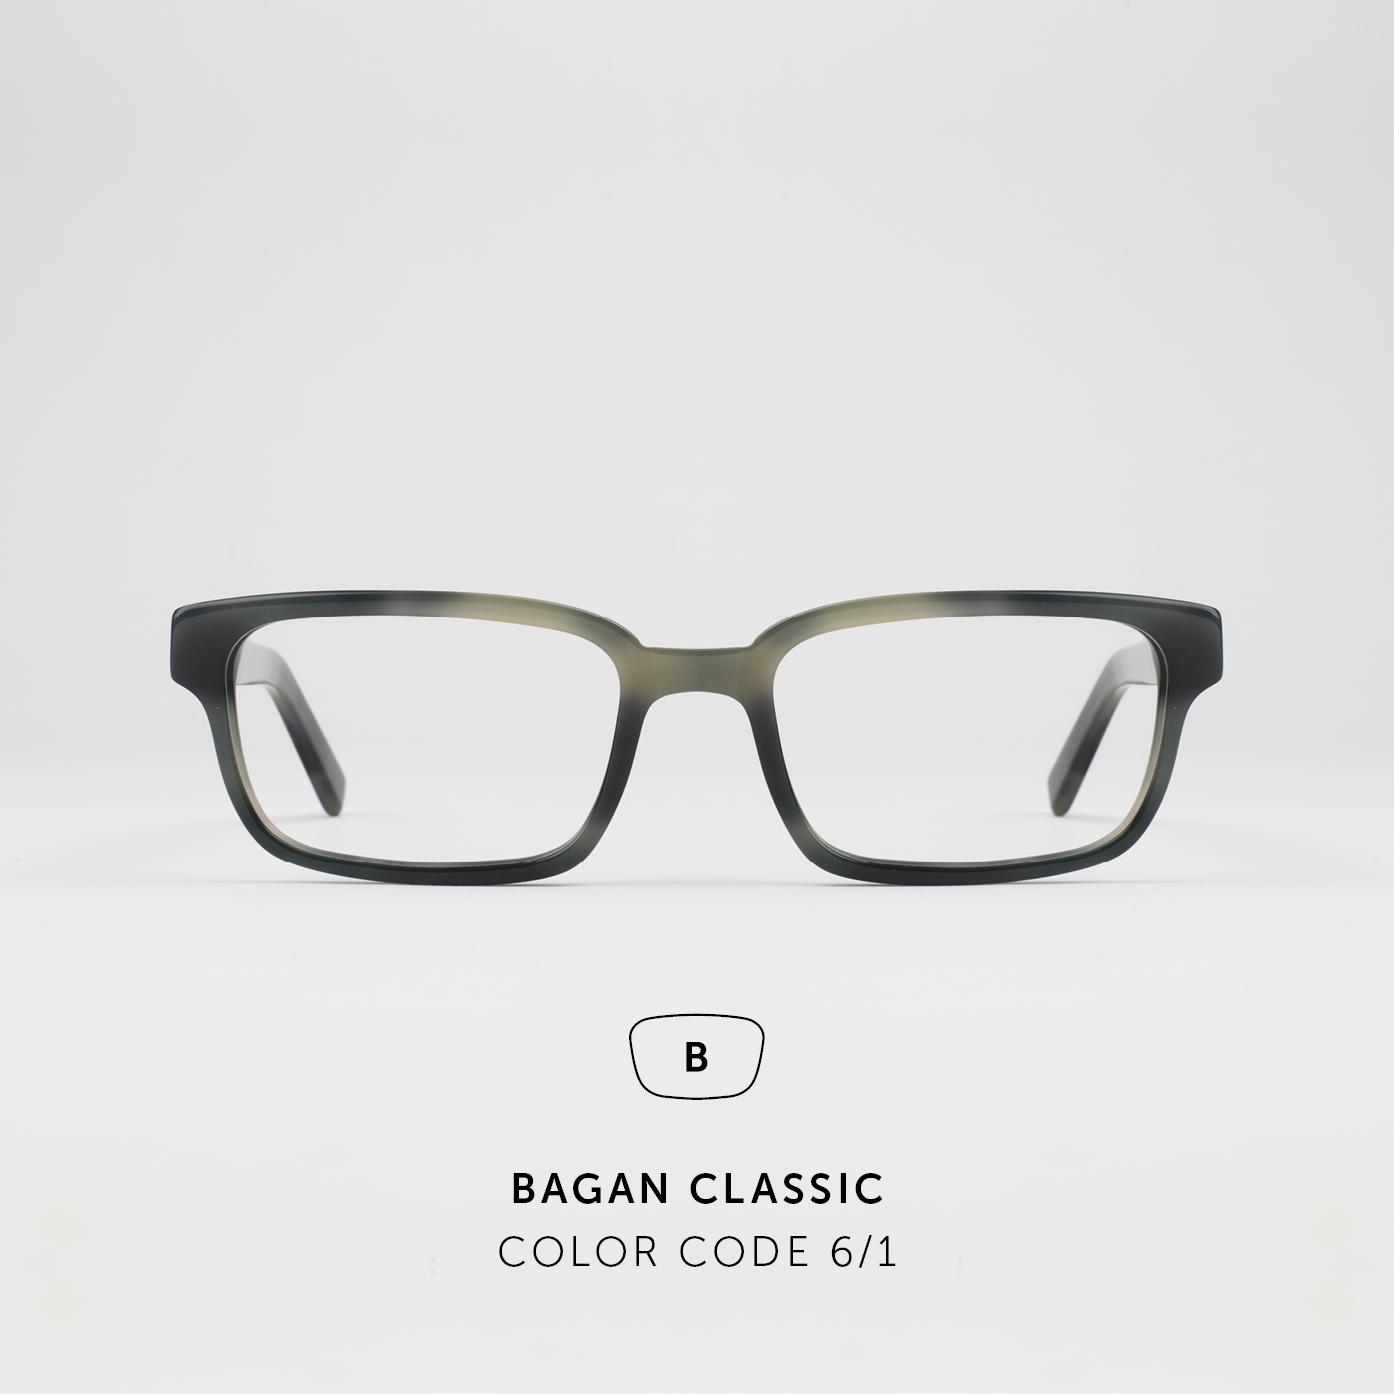 BaganClassic21.jpg